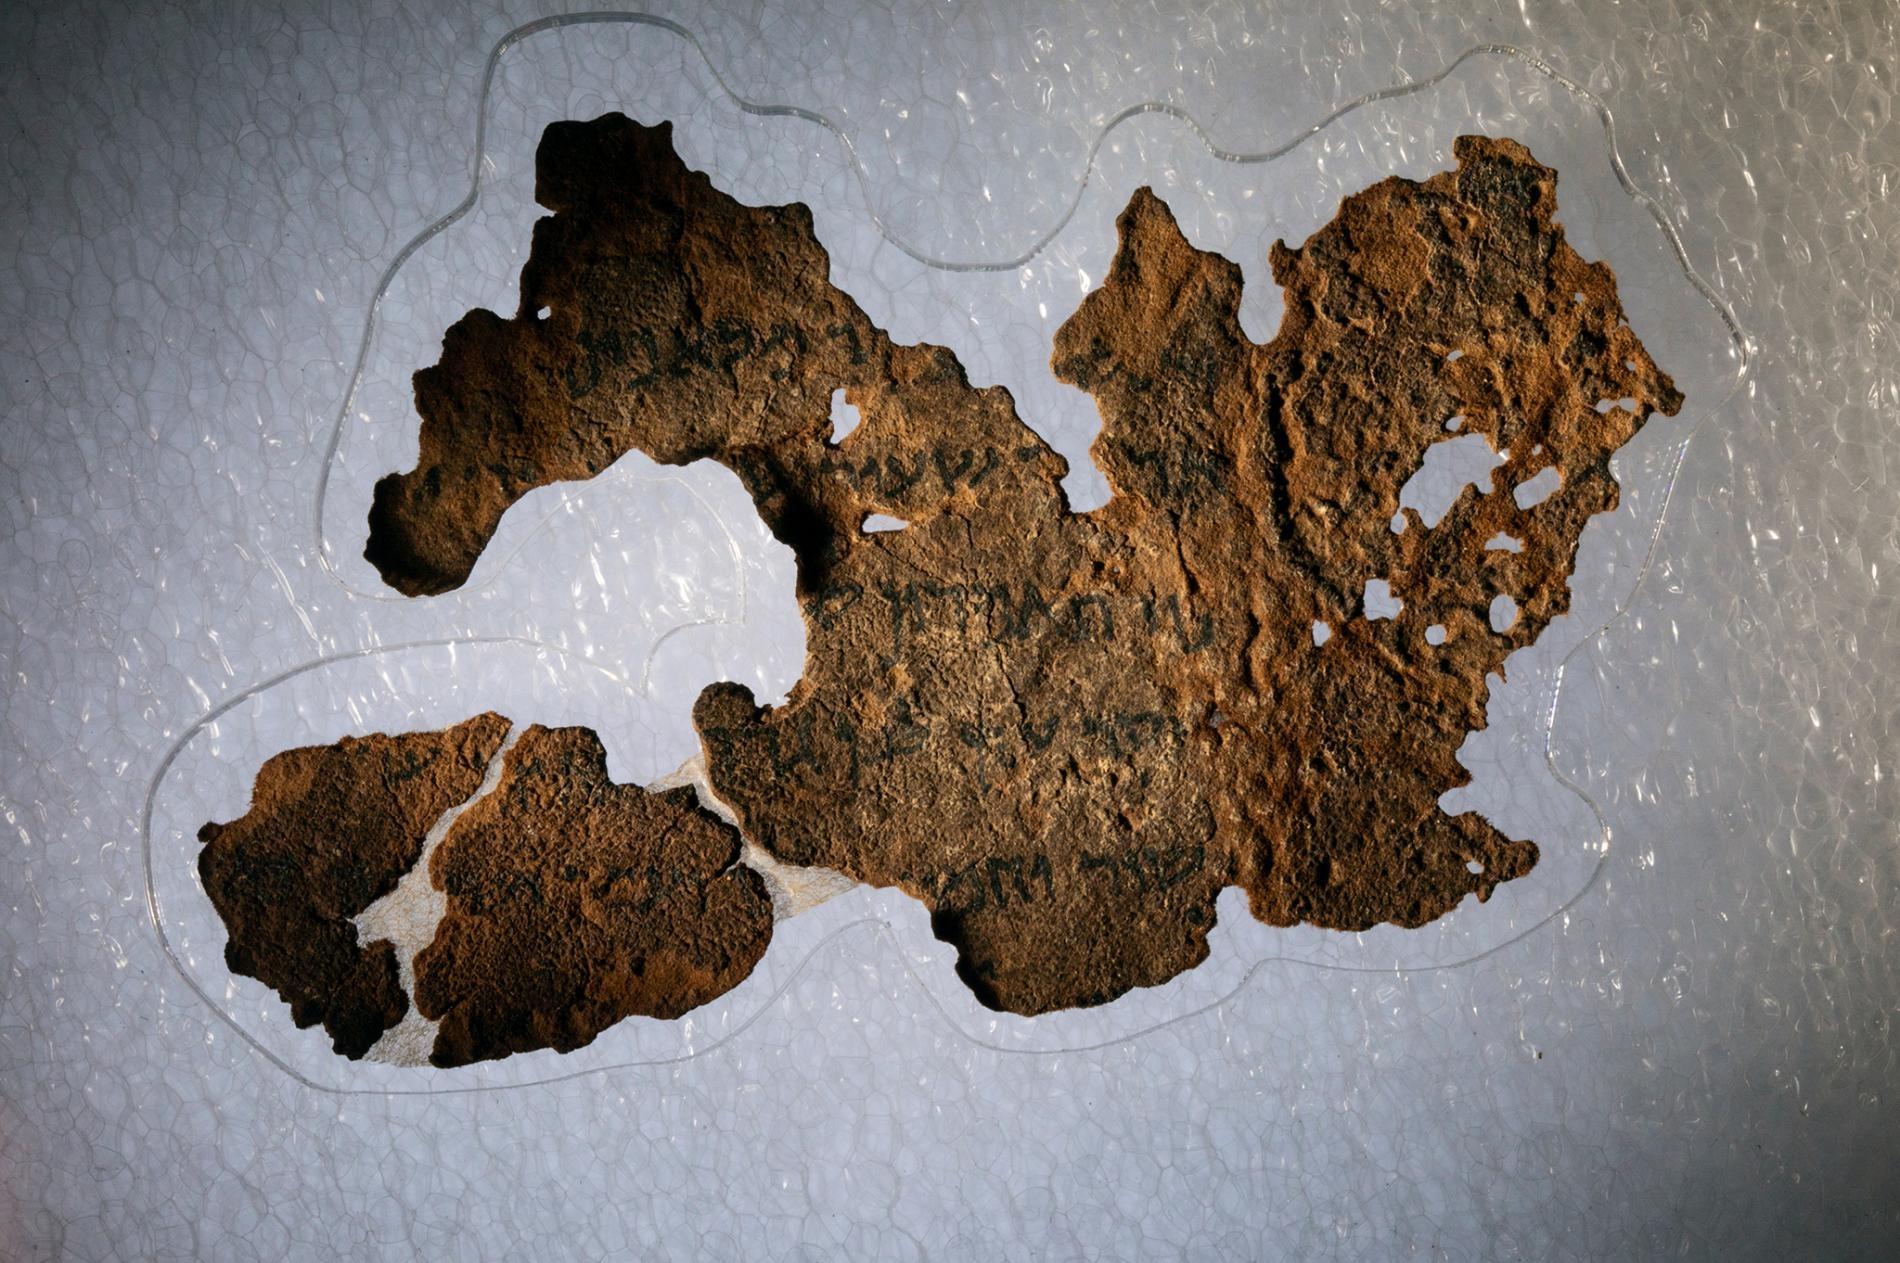 聖經博物館(The Museum of the Bible)收藏了16件據說全為死海古卷的碎片,包括這件《創世紀》碎片。一項由聖經博物館贊助的新科學調查,確認了這16片碎片都是現代的偽作。PHOTOGRAPH BY REBECCA HALE, NGM STAFF